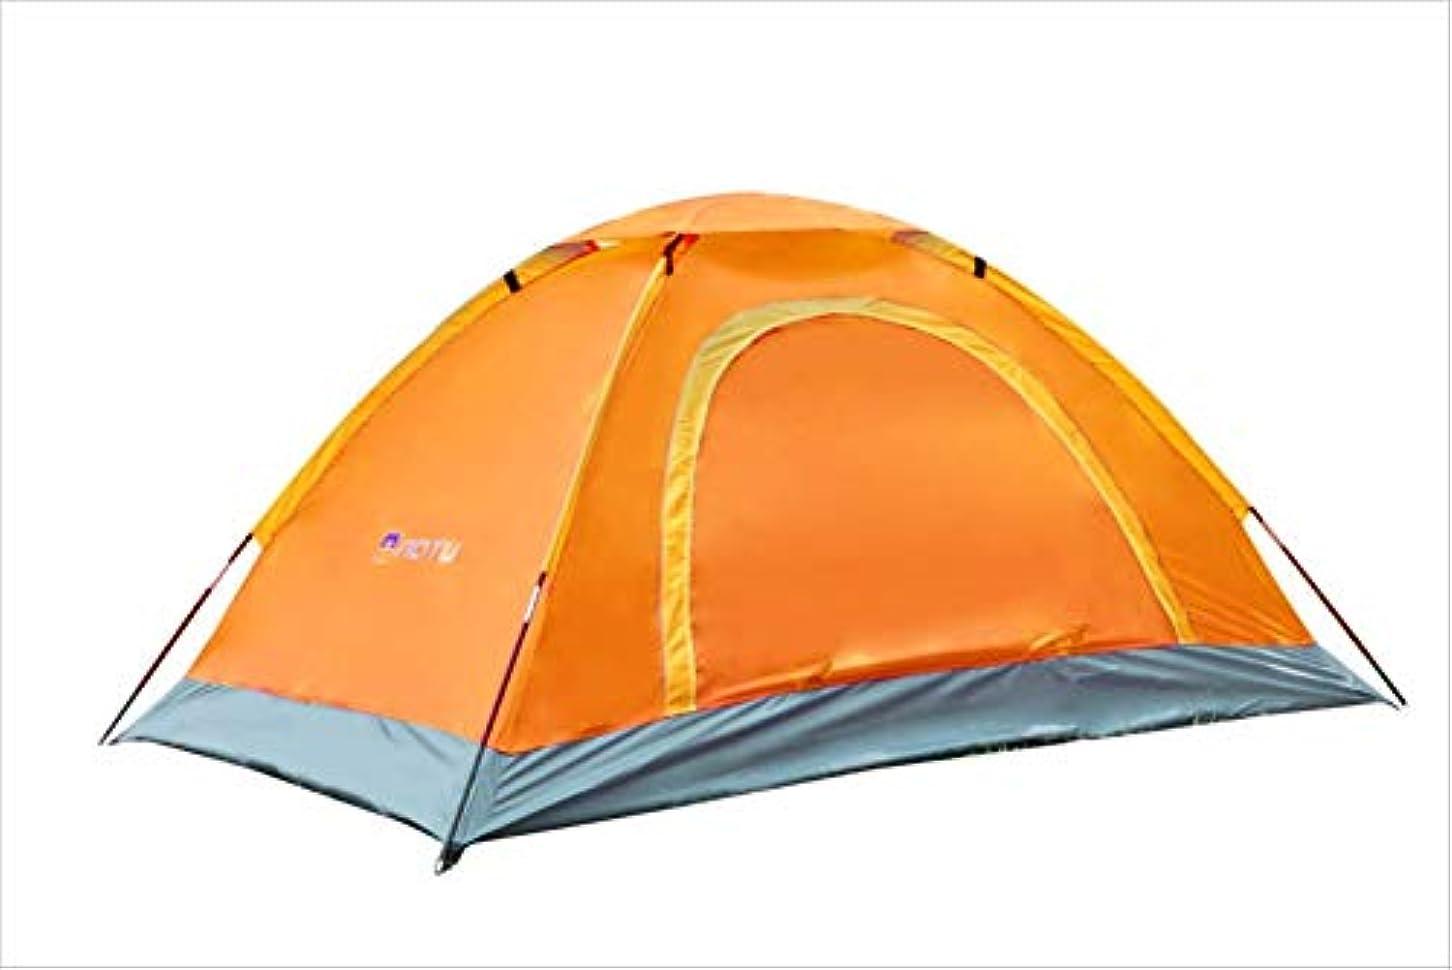 牛肉つばオゾン夏リスニング風キャノピー屋外蚊テントポータブルビーチテント210×140×110センチメートルc